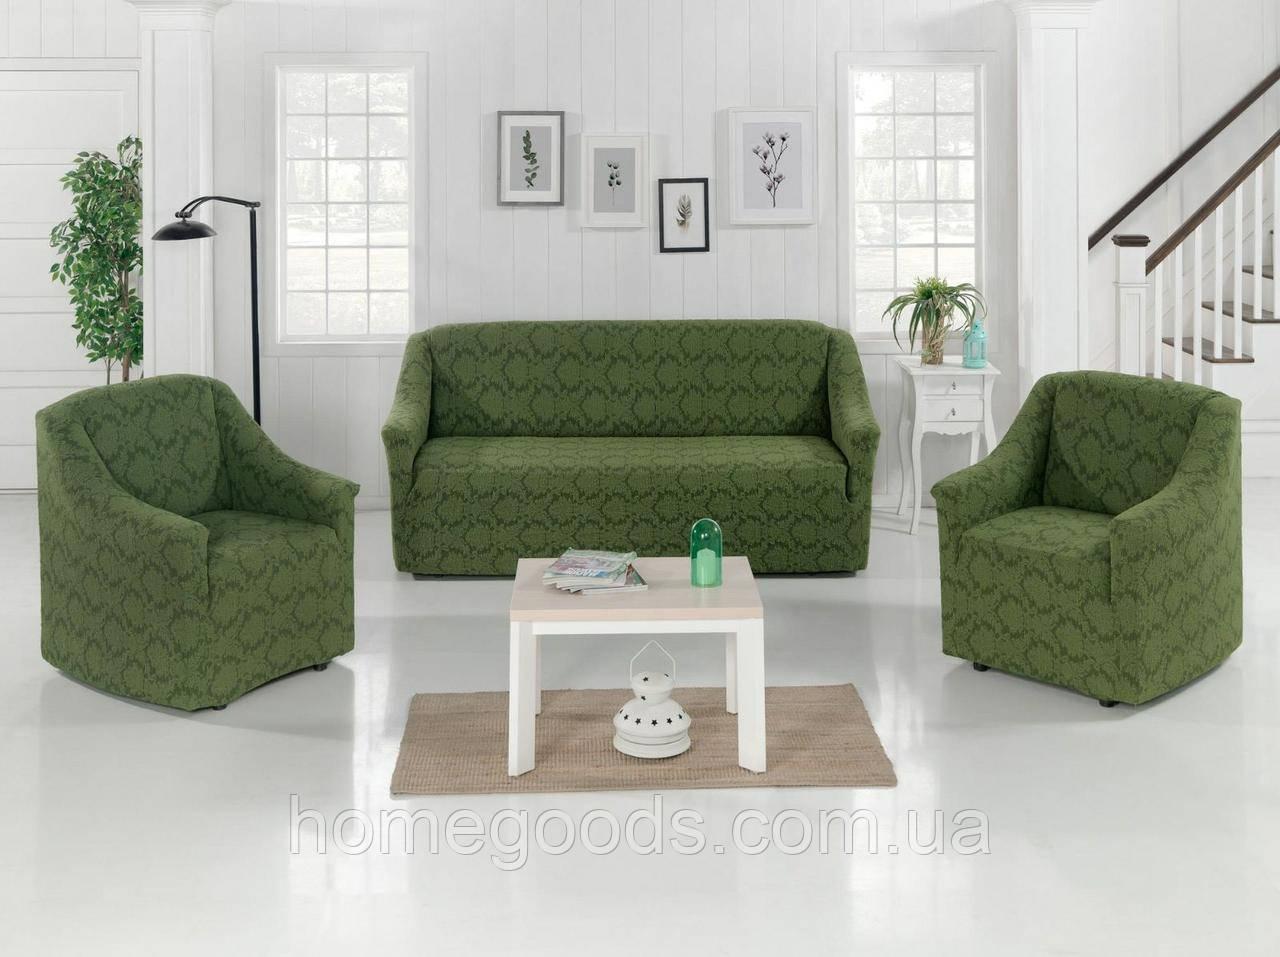 Универсальный чехол на диван и кресла